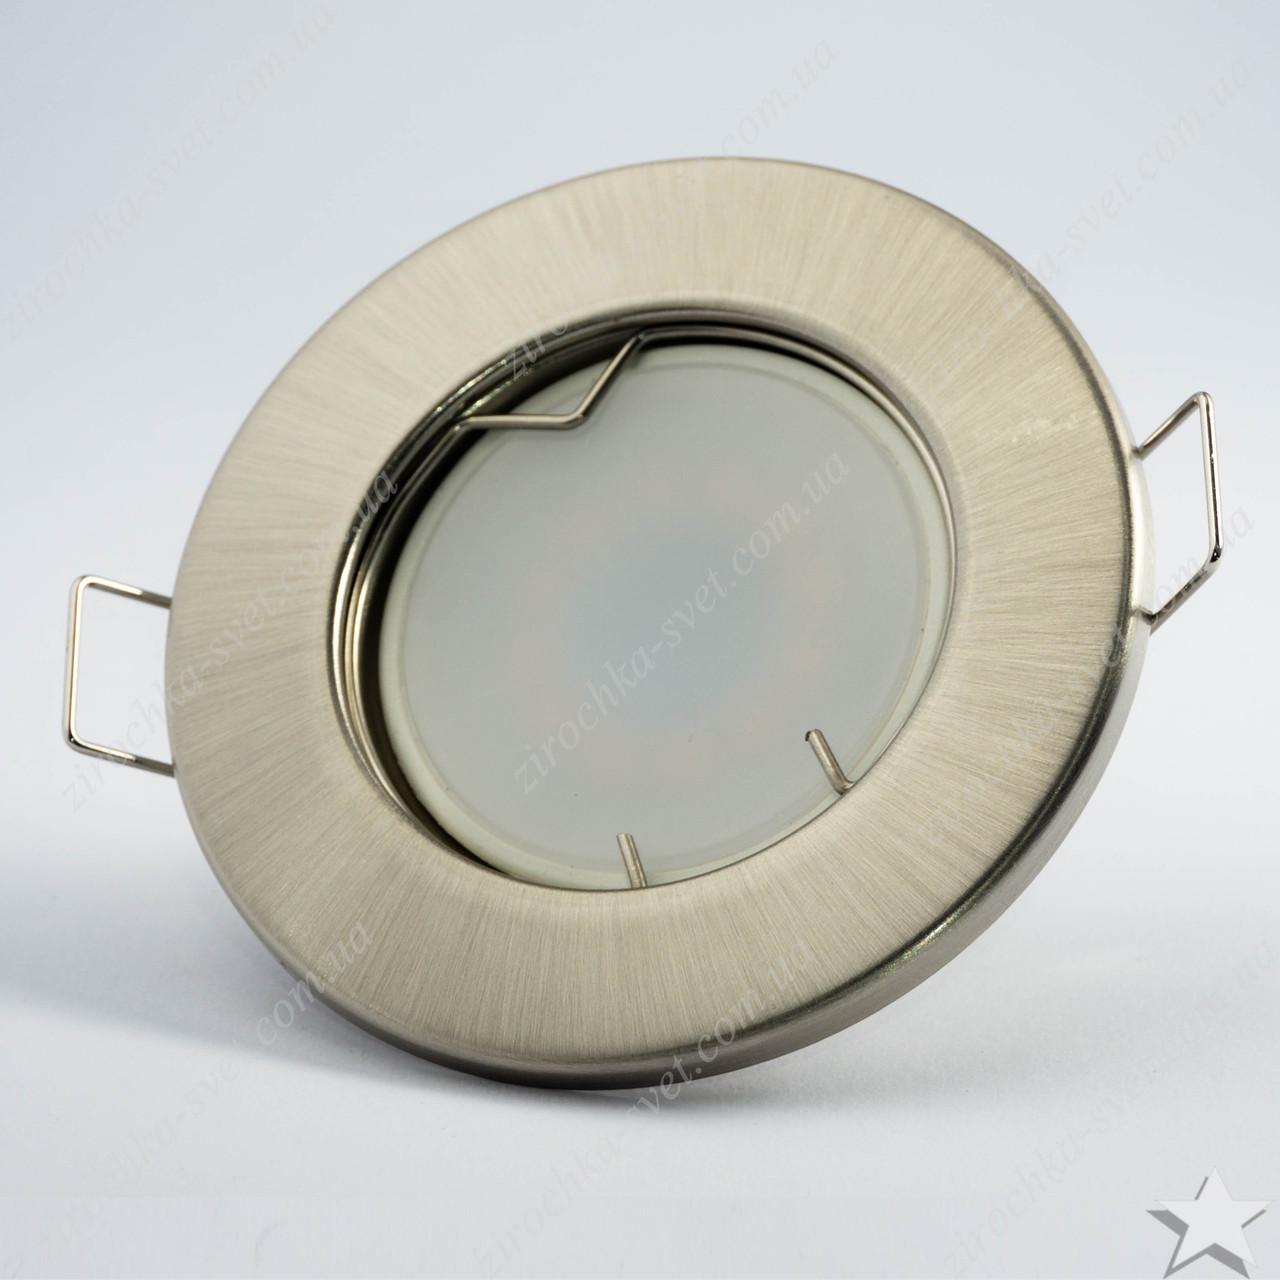 Светильник встраиваемый Feron DL10 титан под лампу MR16